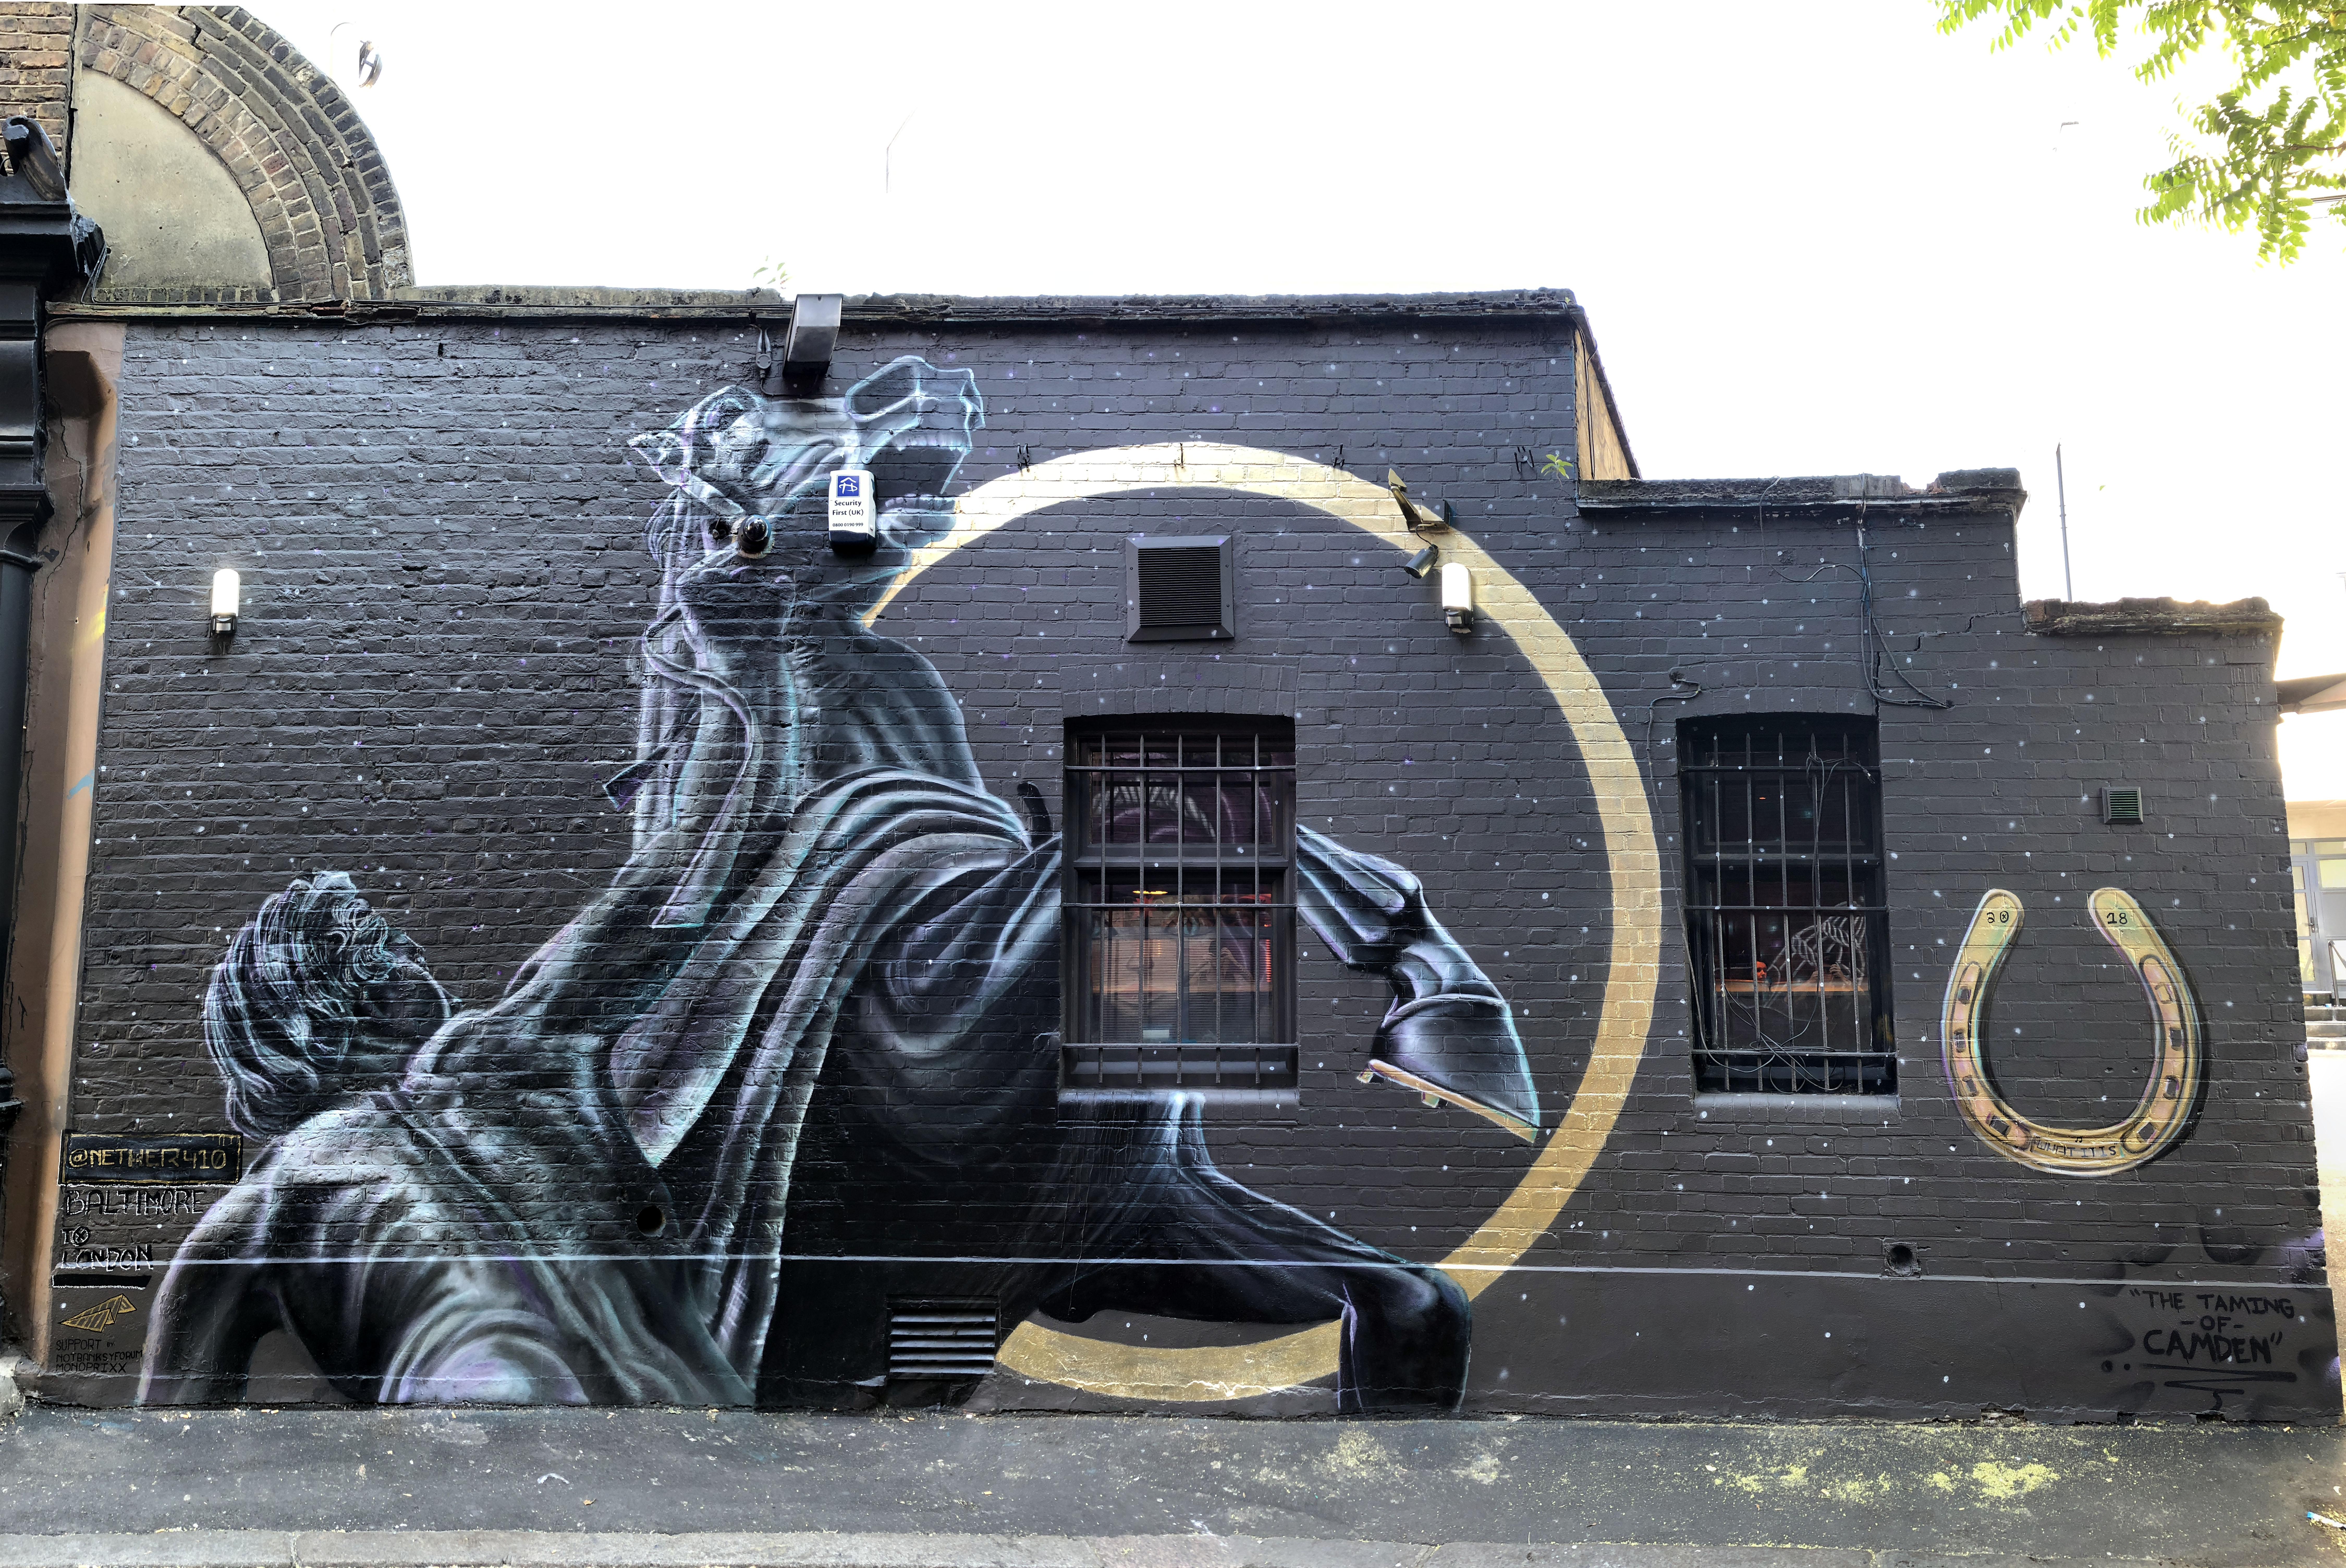 Camden, London, UK